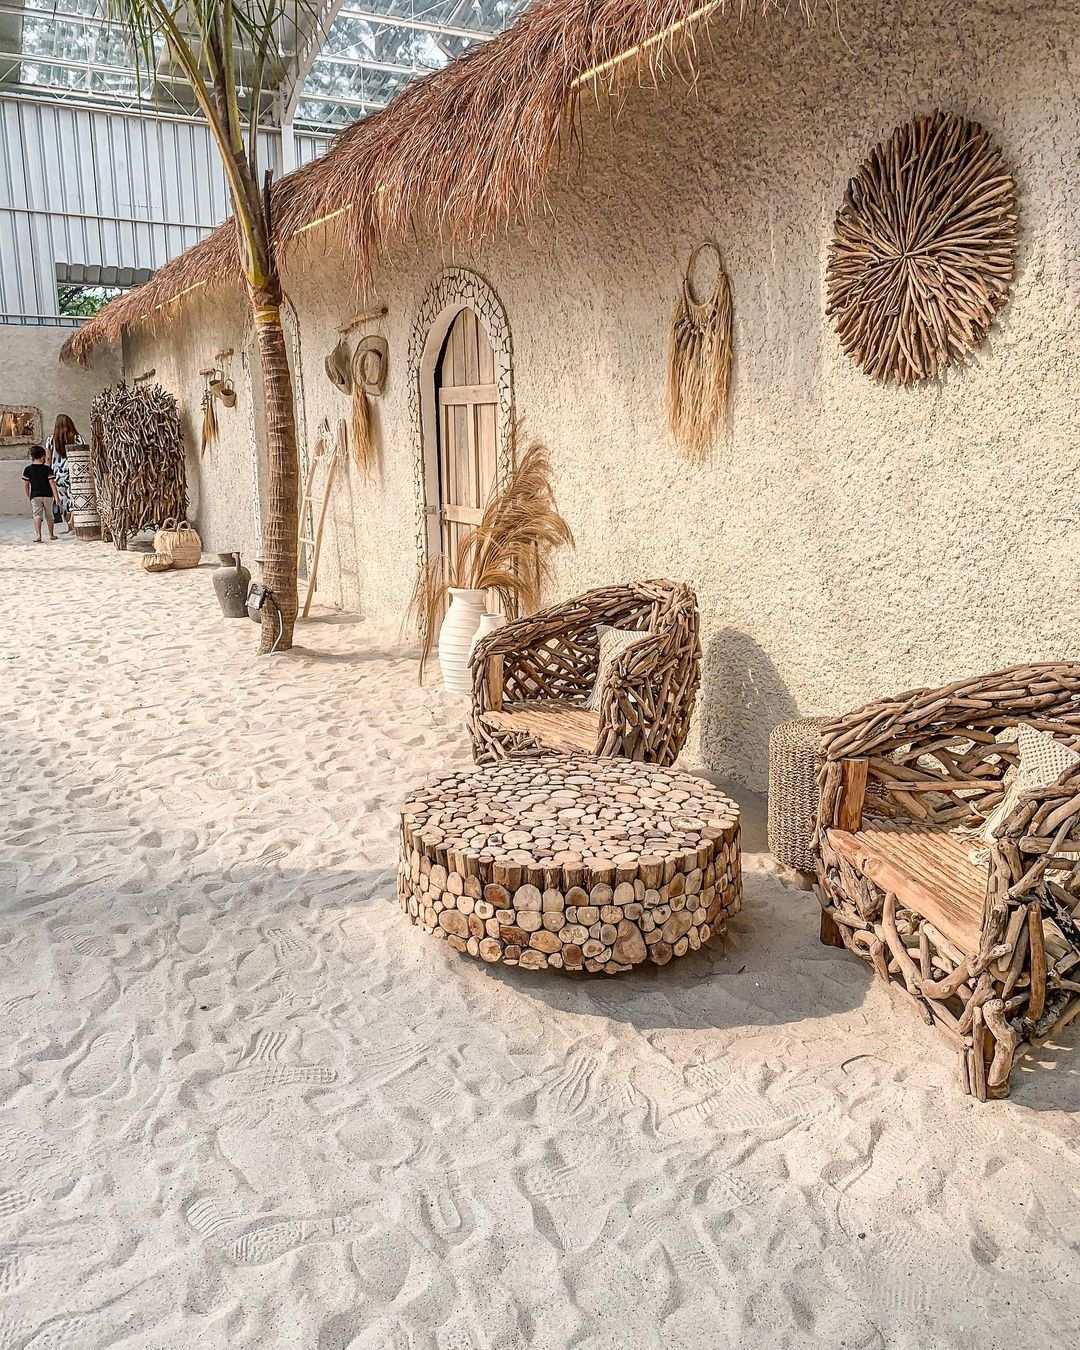 Bagian Tembok Dan Pasir Yang Instagramable di Hey Beach Image From @stellaoctavius